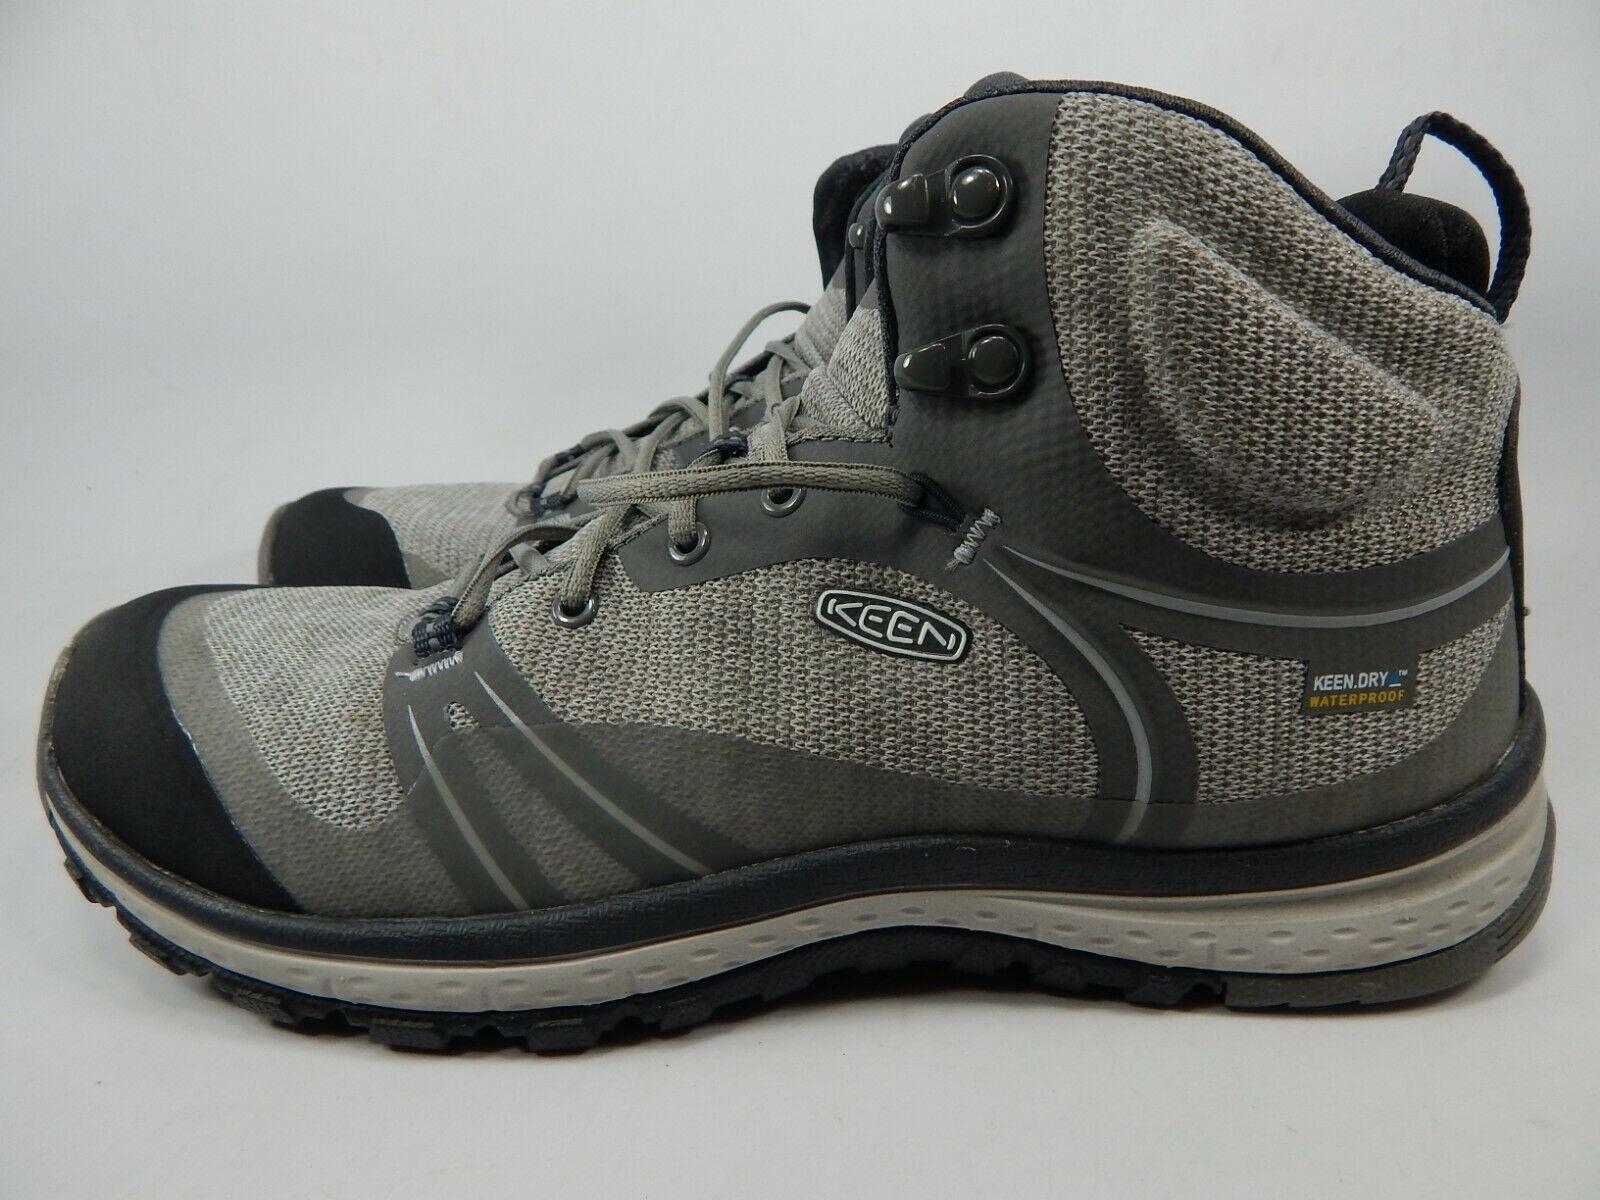 Keen Terradora Mittelgroße 10 M (B) Eu 40.5 Damen Wp Trail Wanderschuhe 1016505